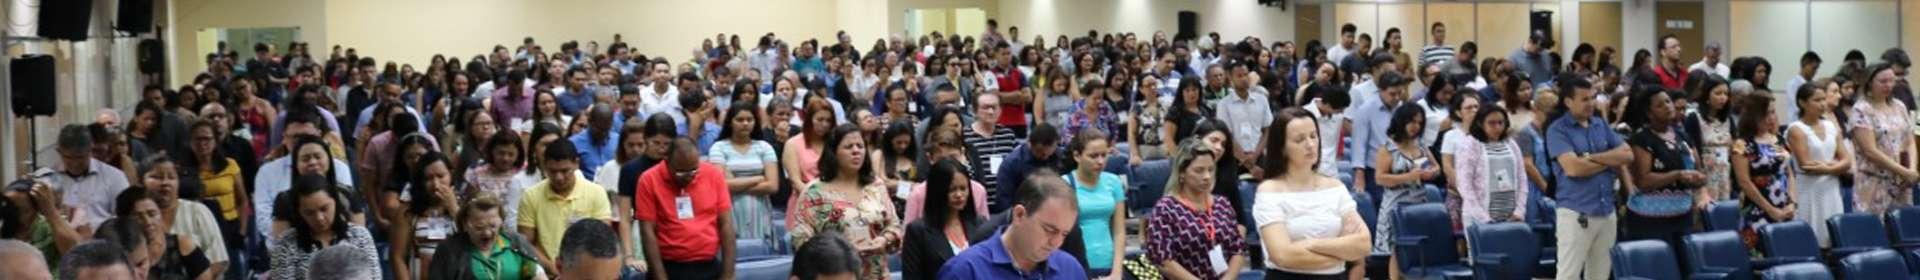 Seminário de principiantes é realizado em Belém, PA